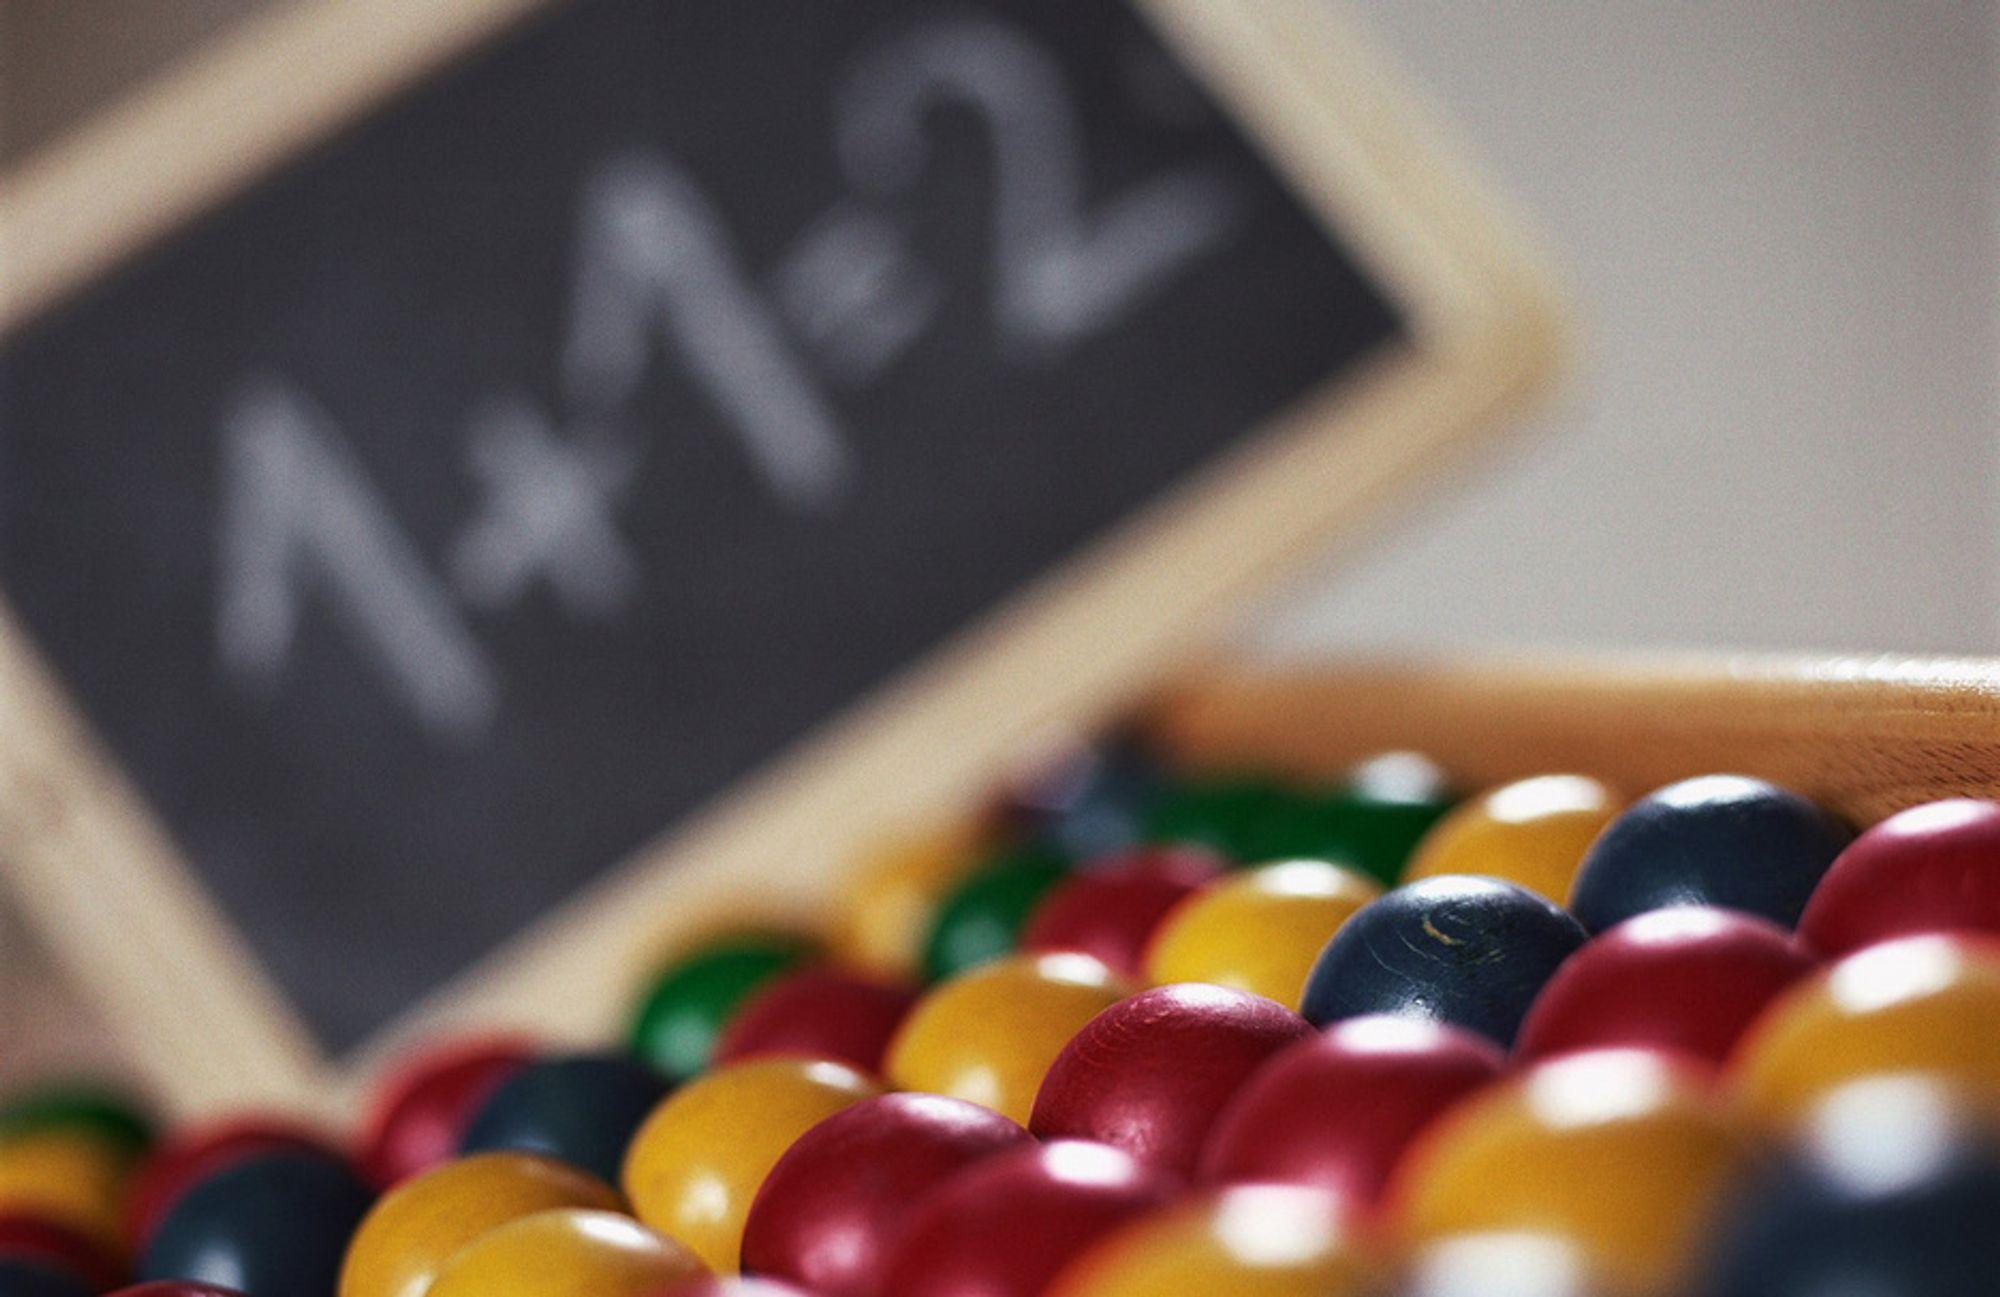 NYTT: Ungdommen sliter med sentral matematikk, viser tallene.